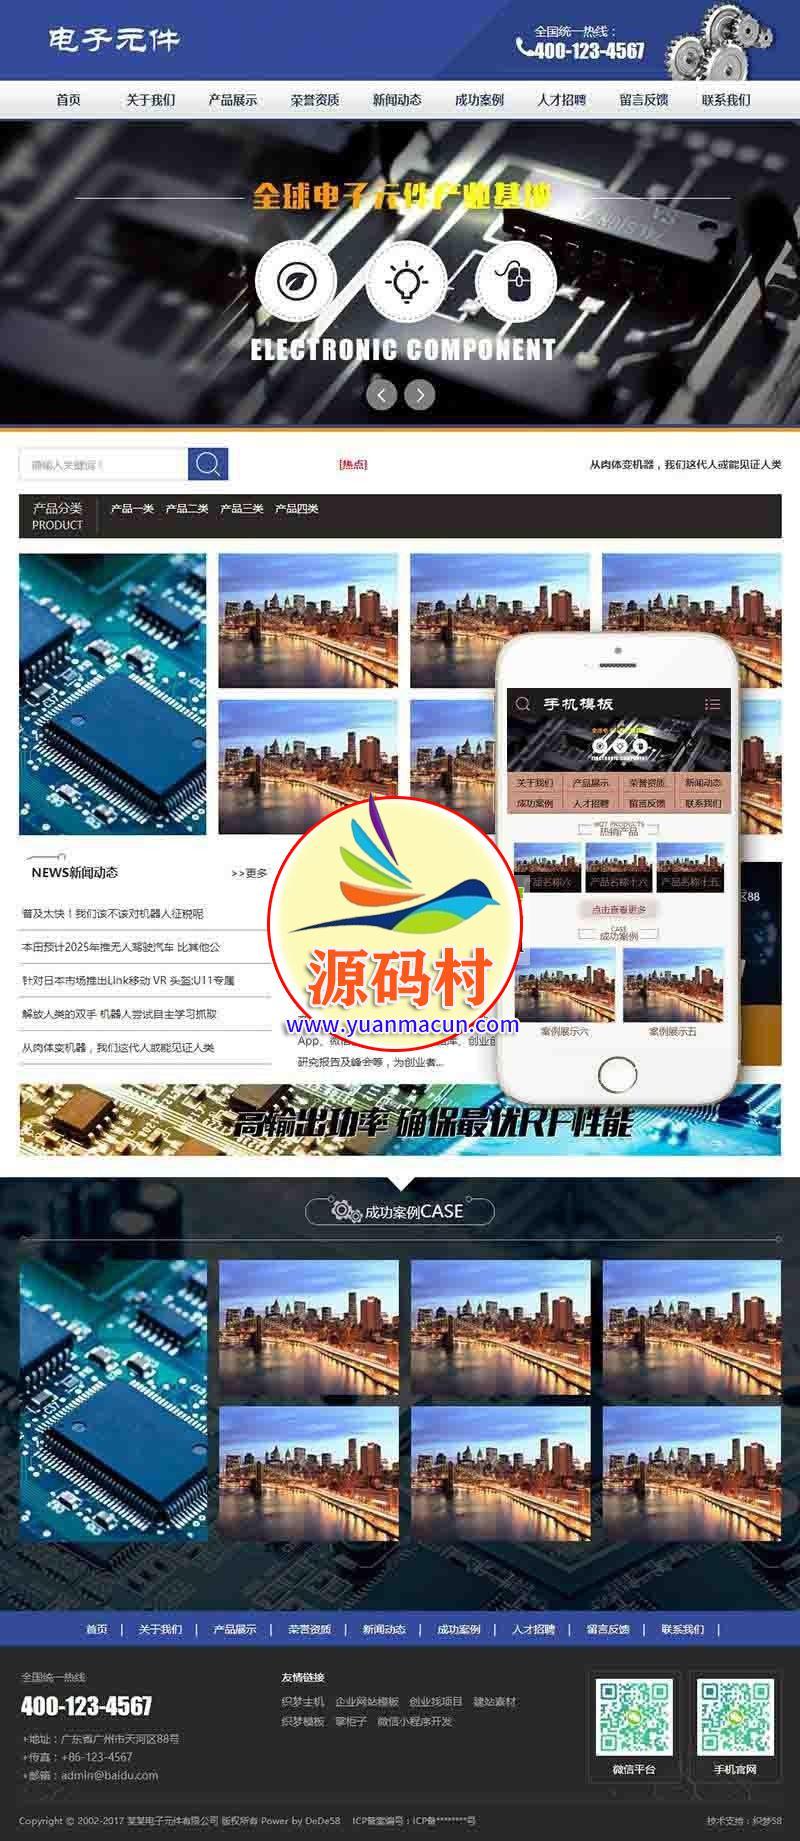 dedecms织梦电子元件工程工具类网站源码(带手机端) 电子元件生产公司整站源码下载